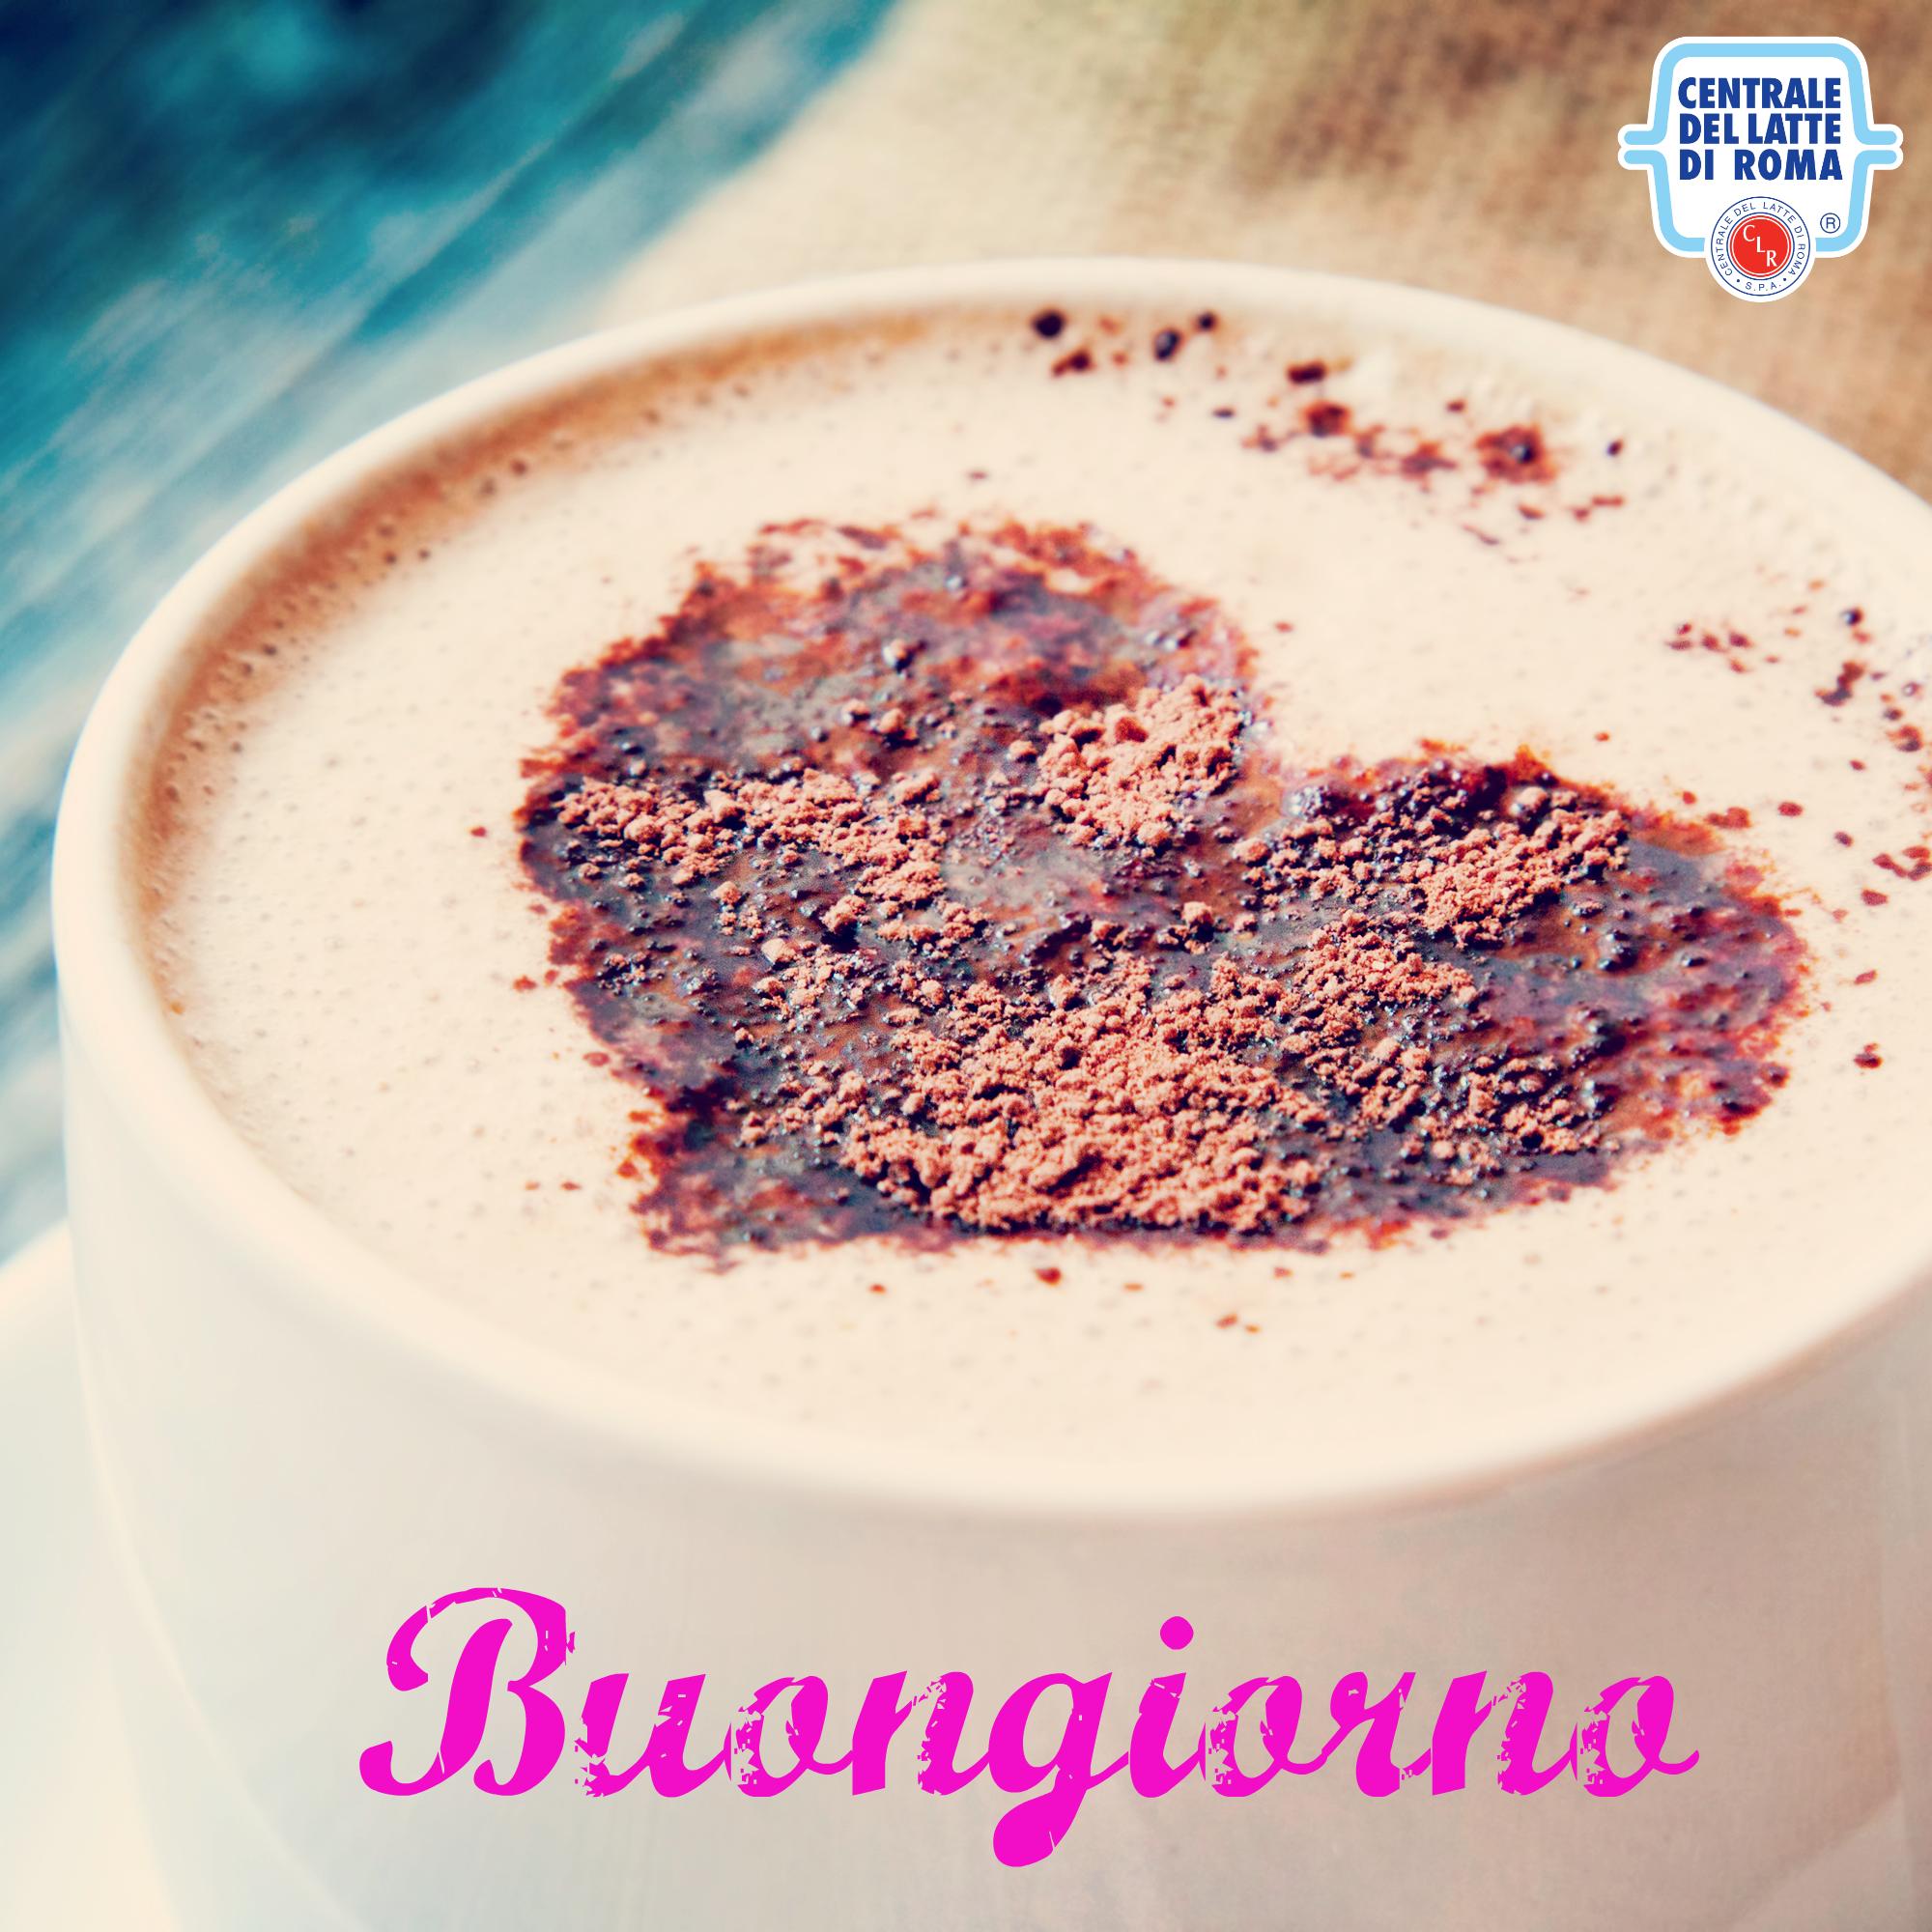 Un buongiorno dolcissimo con questo #cappuccino! #LatteArt